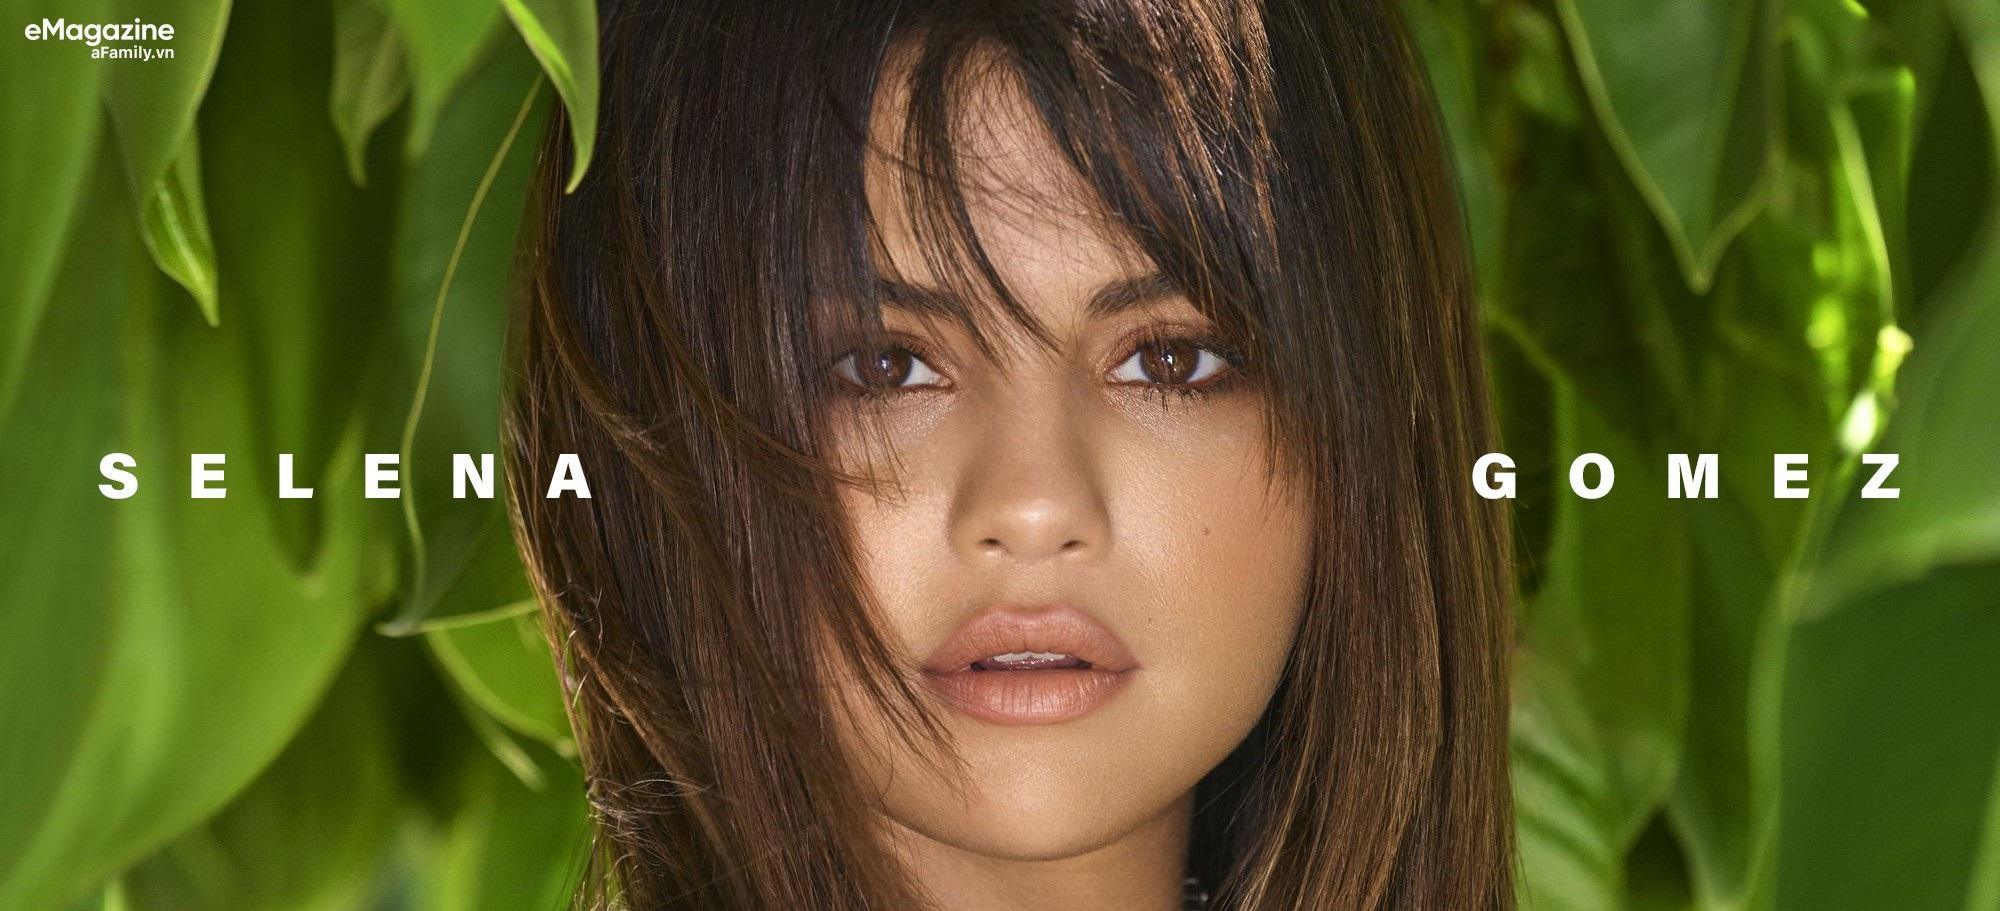 Selena Gomez ở tuổi 26: Phía sau hào quang là chứng trầm cảm và nỗi ám ảnh thanh xuân mang tên Justin Bieber - Ảnh 2